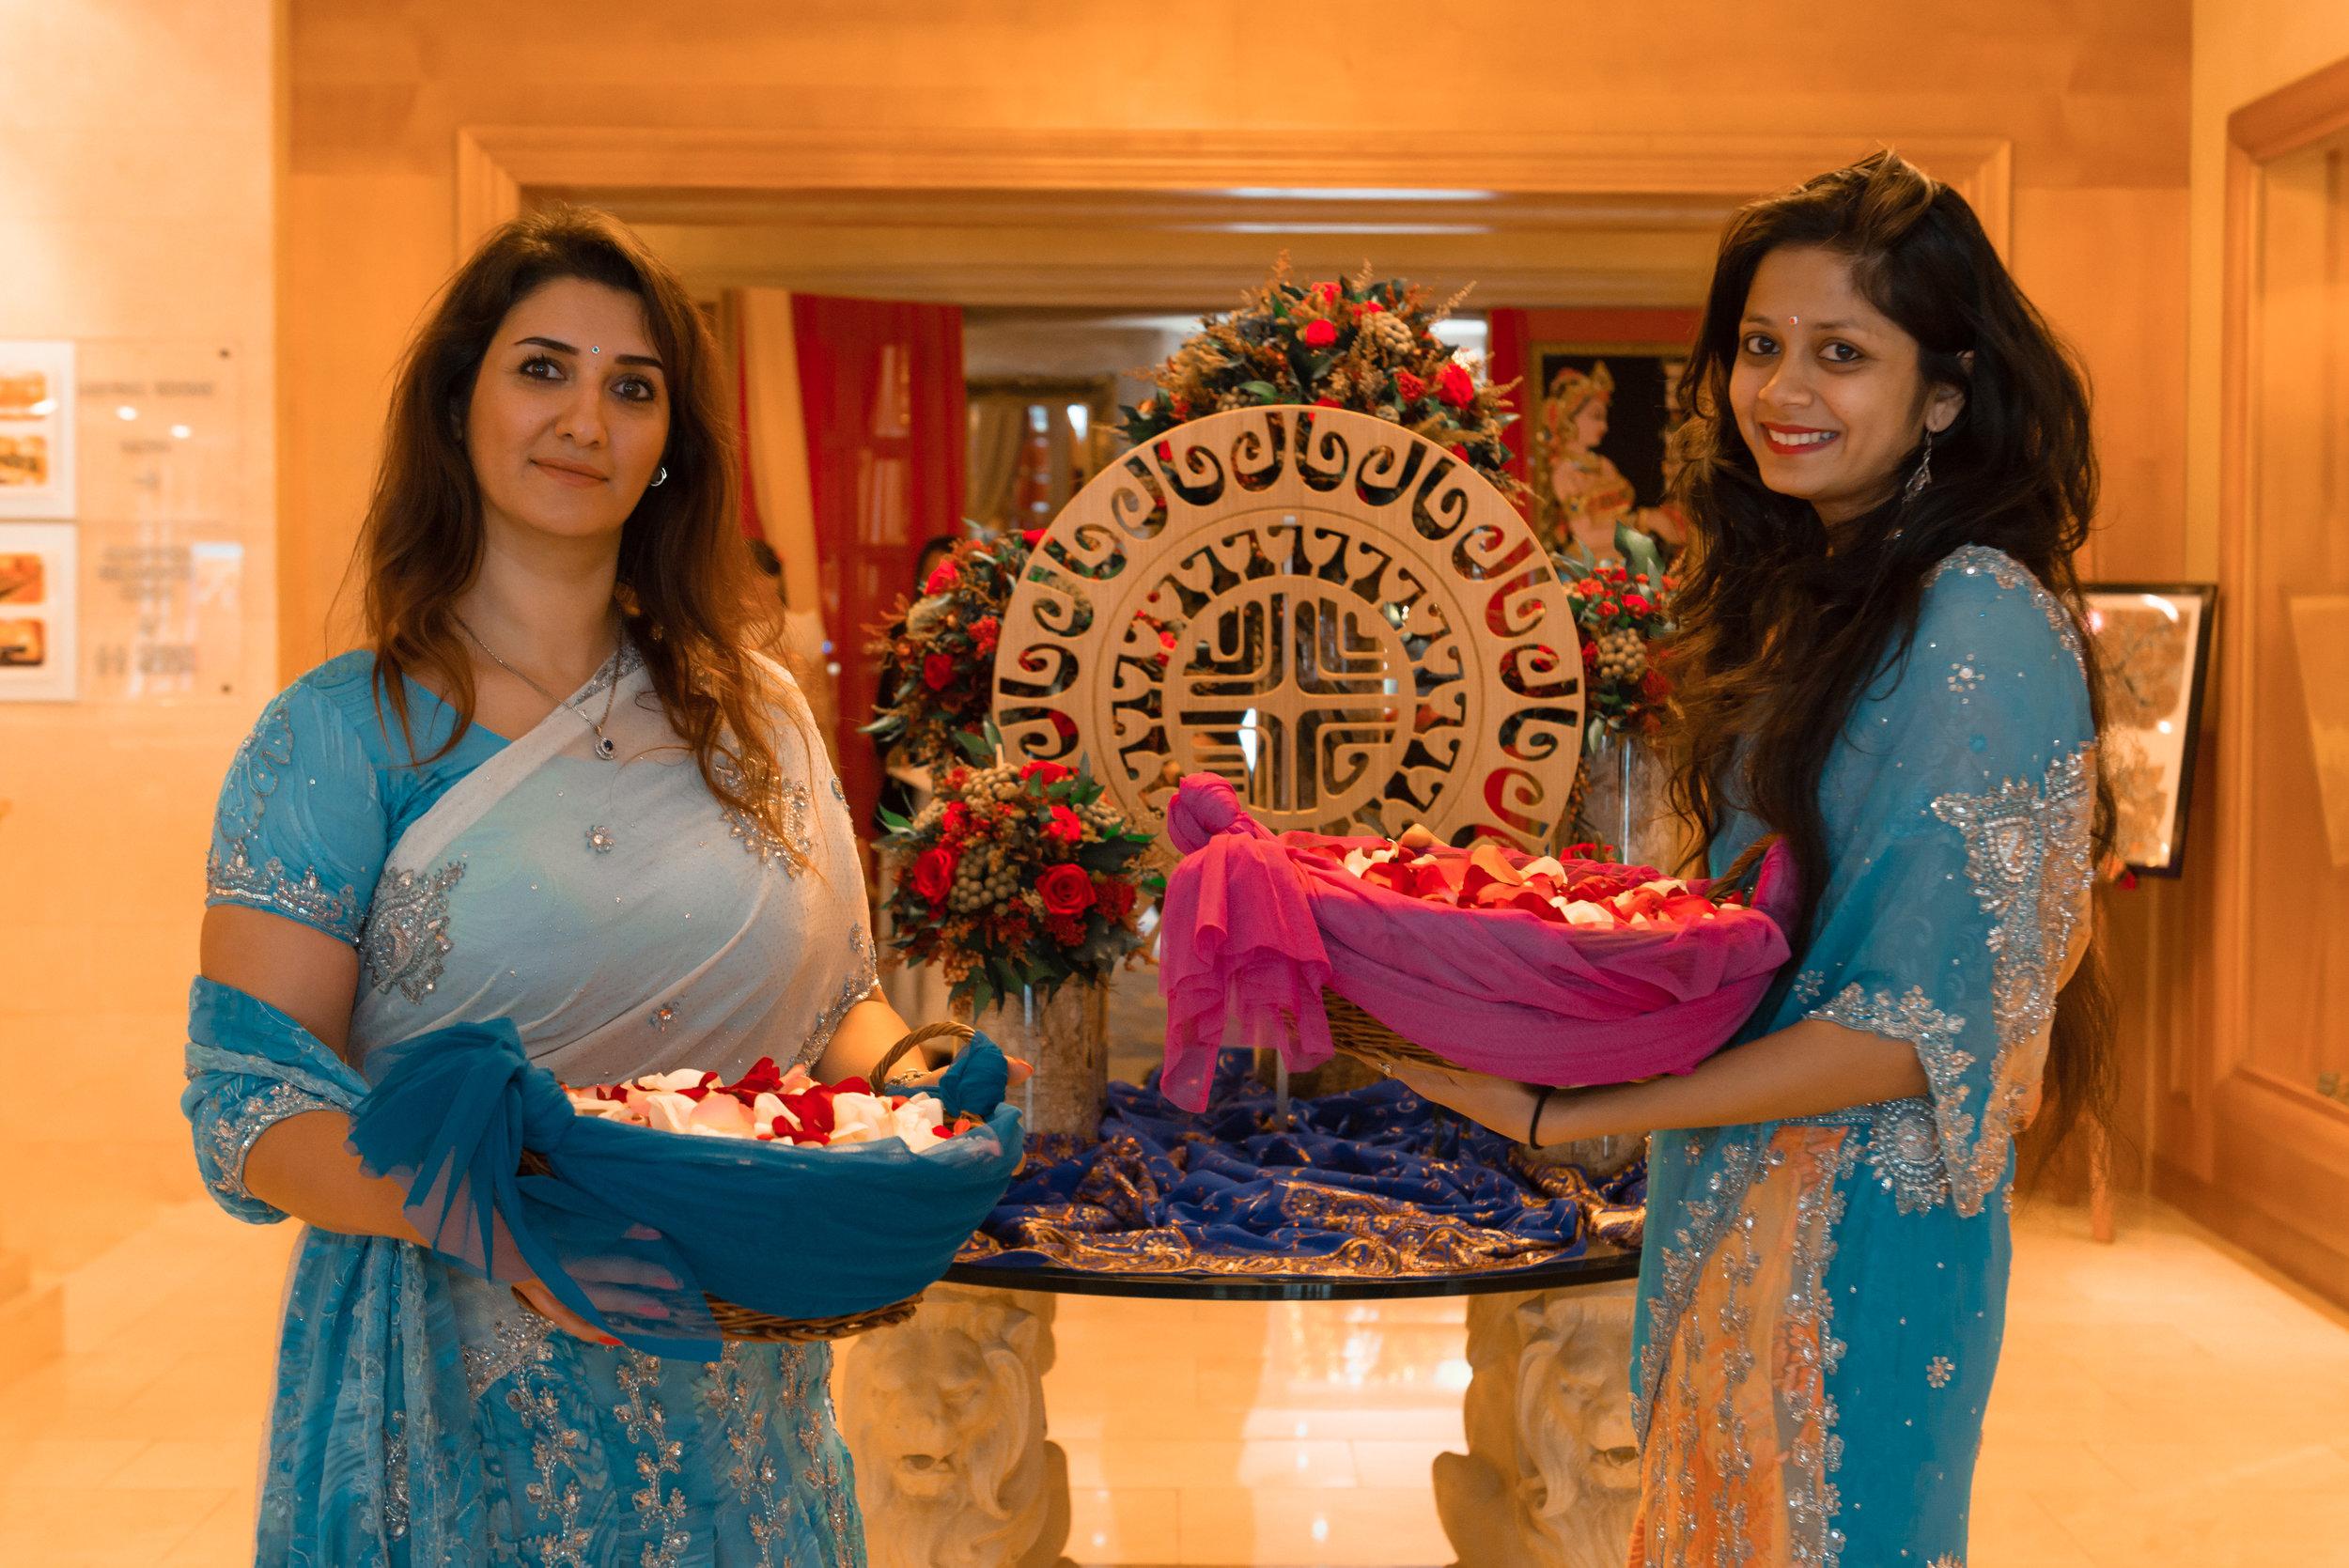 LeChatelain_BollywoodSummerCocktail_07_1.jpg